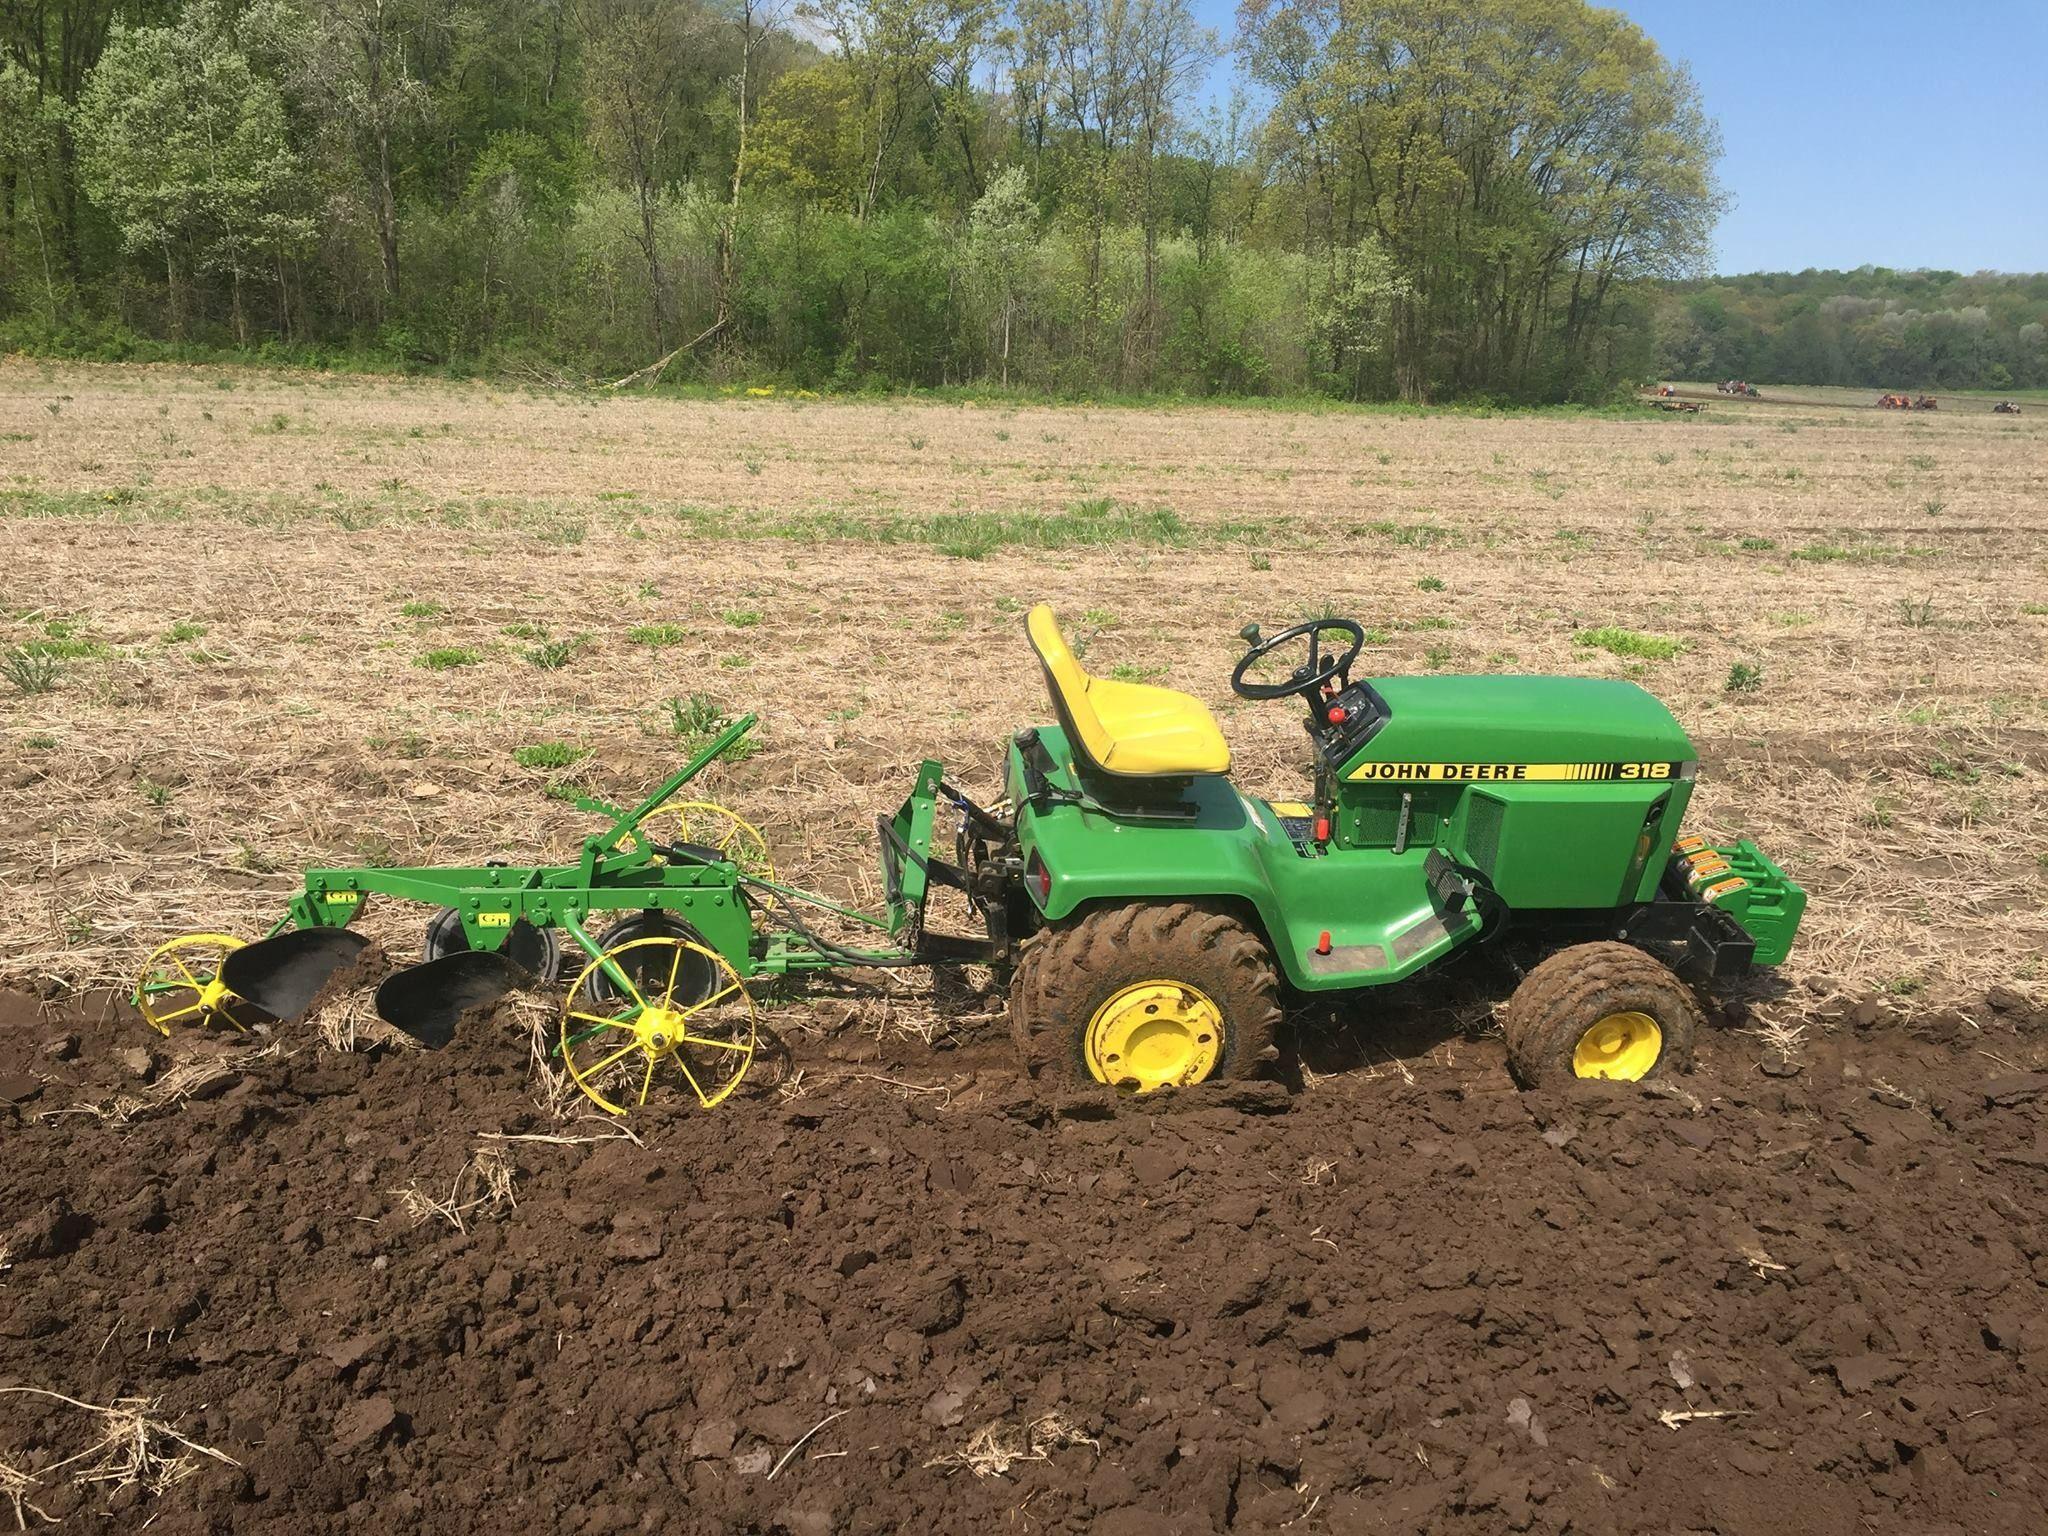 John Deere 318 garden tractor with breaking plow | John